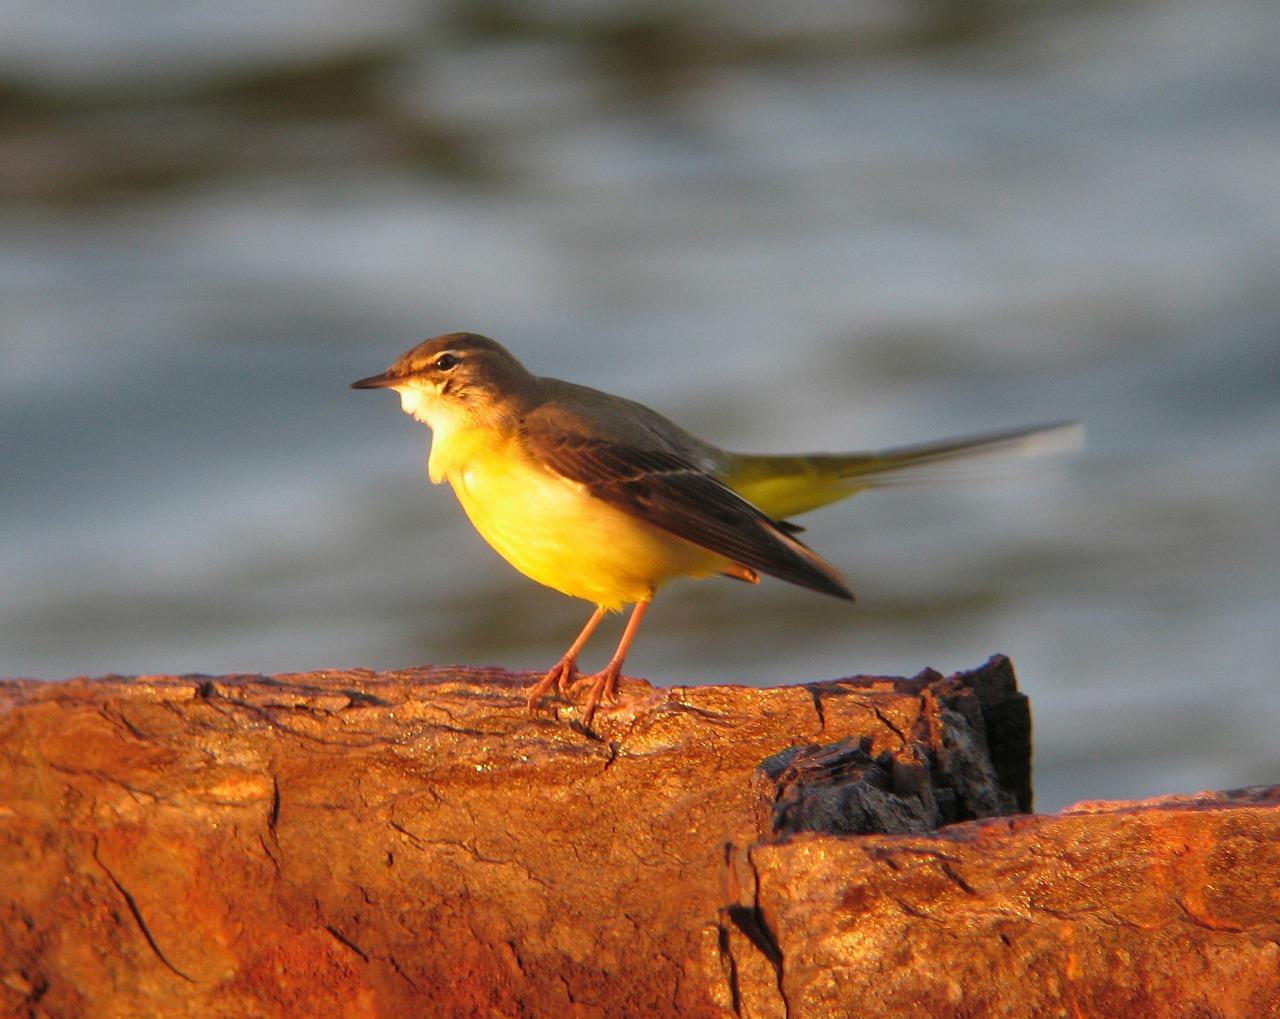 キセキレイちゃんの幼鳥と思います。_e0018678_20403280.jpg